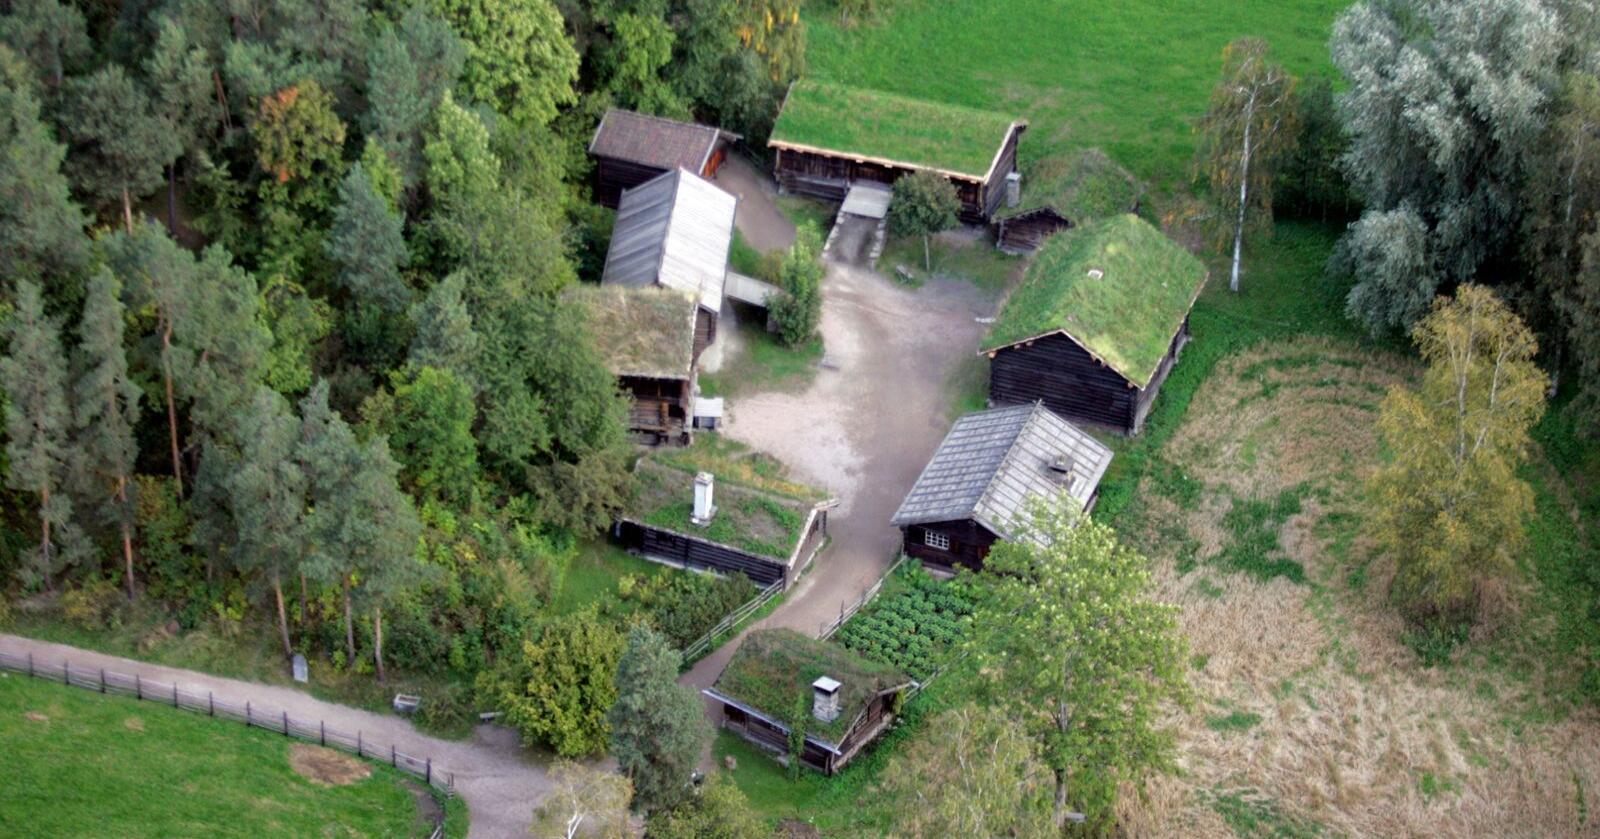 Flytfoto av Norsk Folkemuseum, tatt i 2005. Foto: Cornelius Poppe / NTB